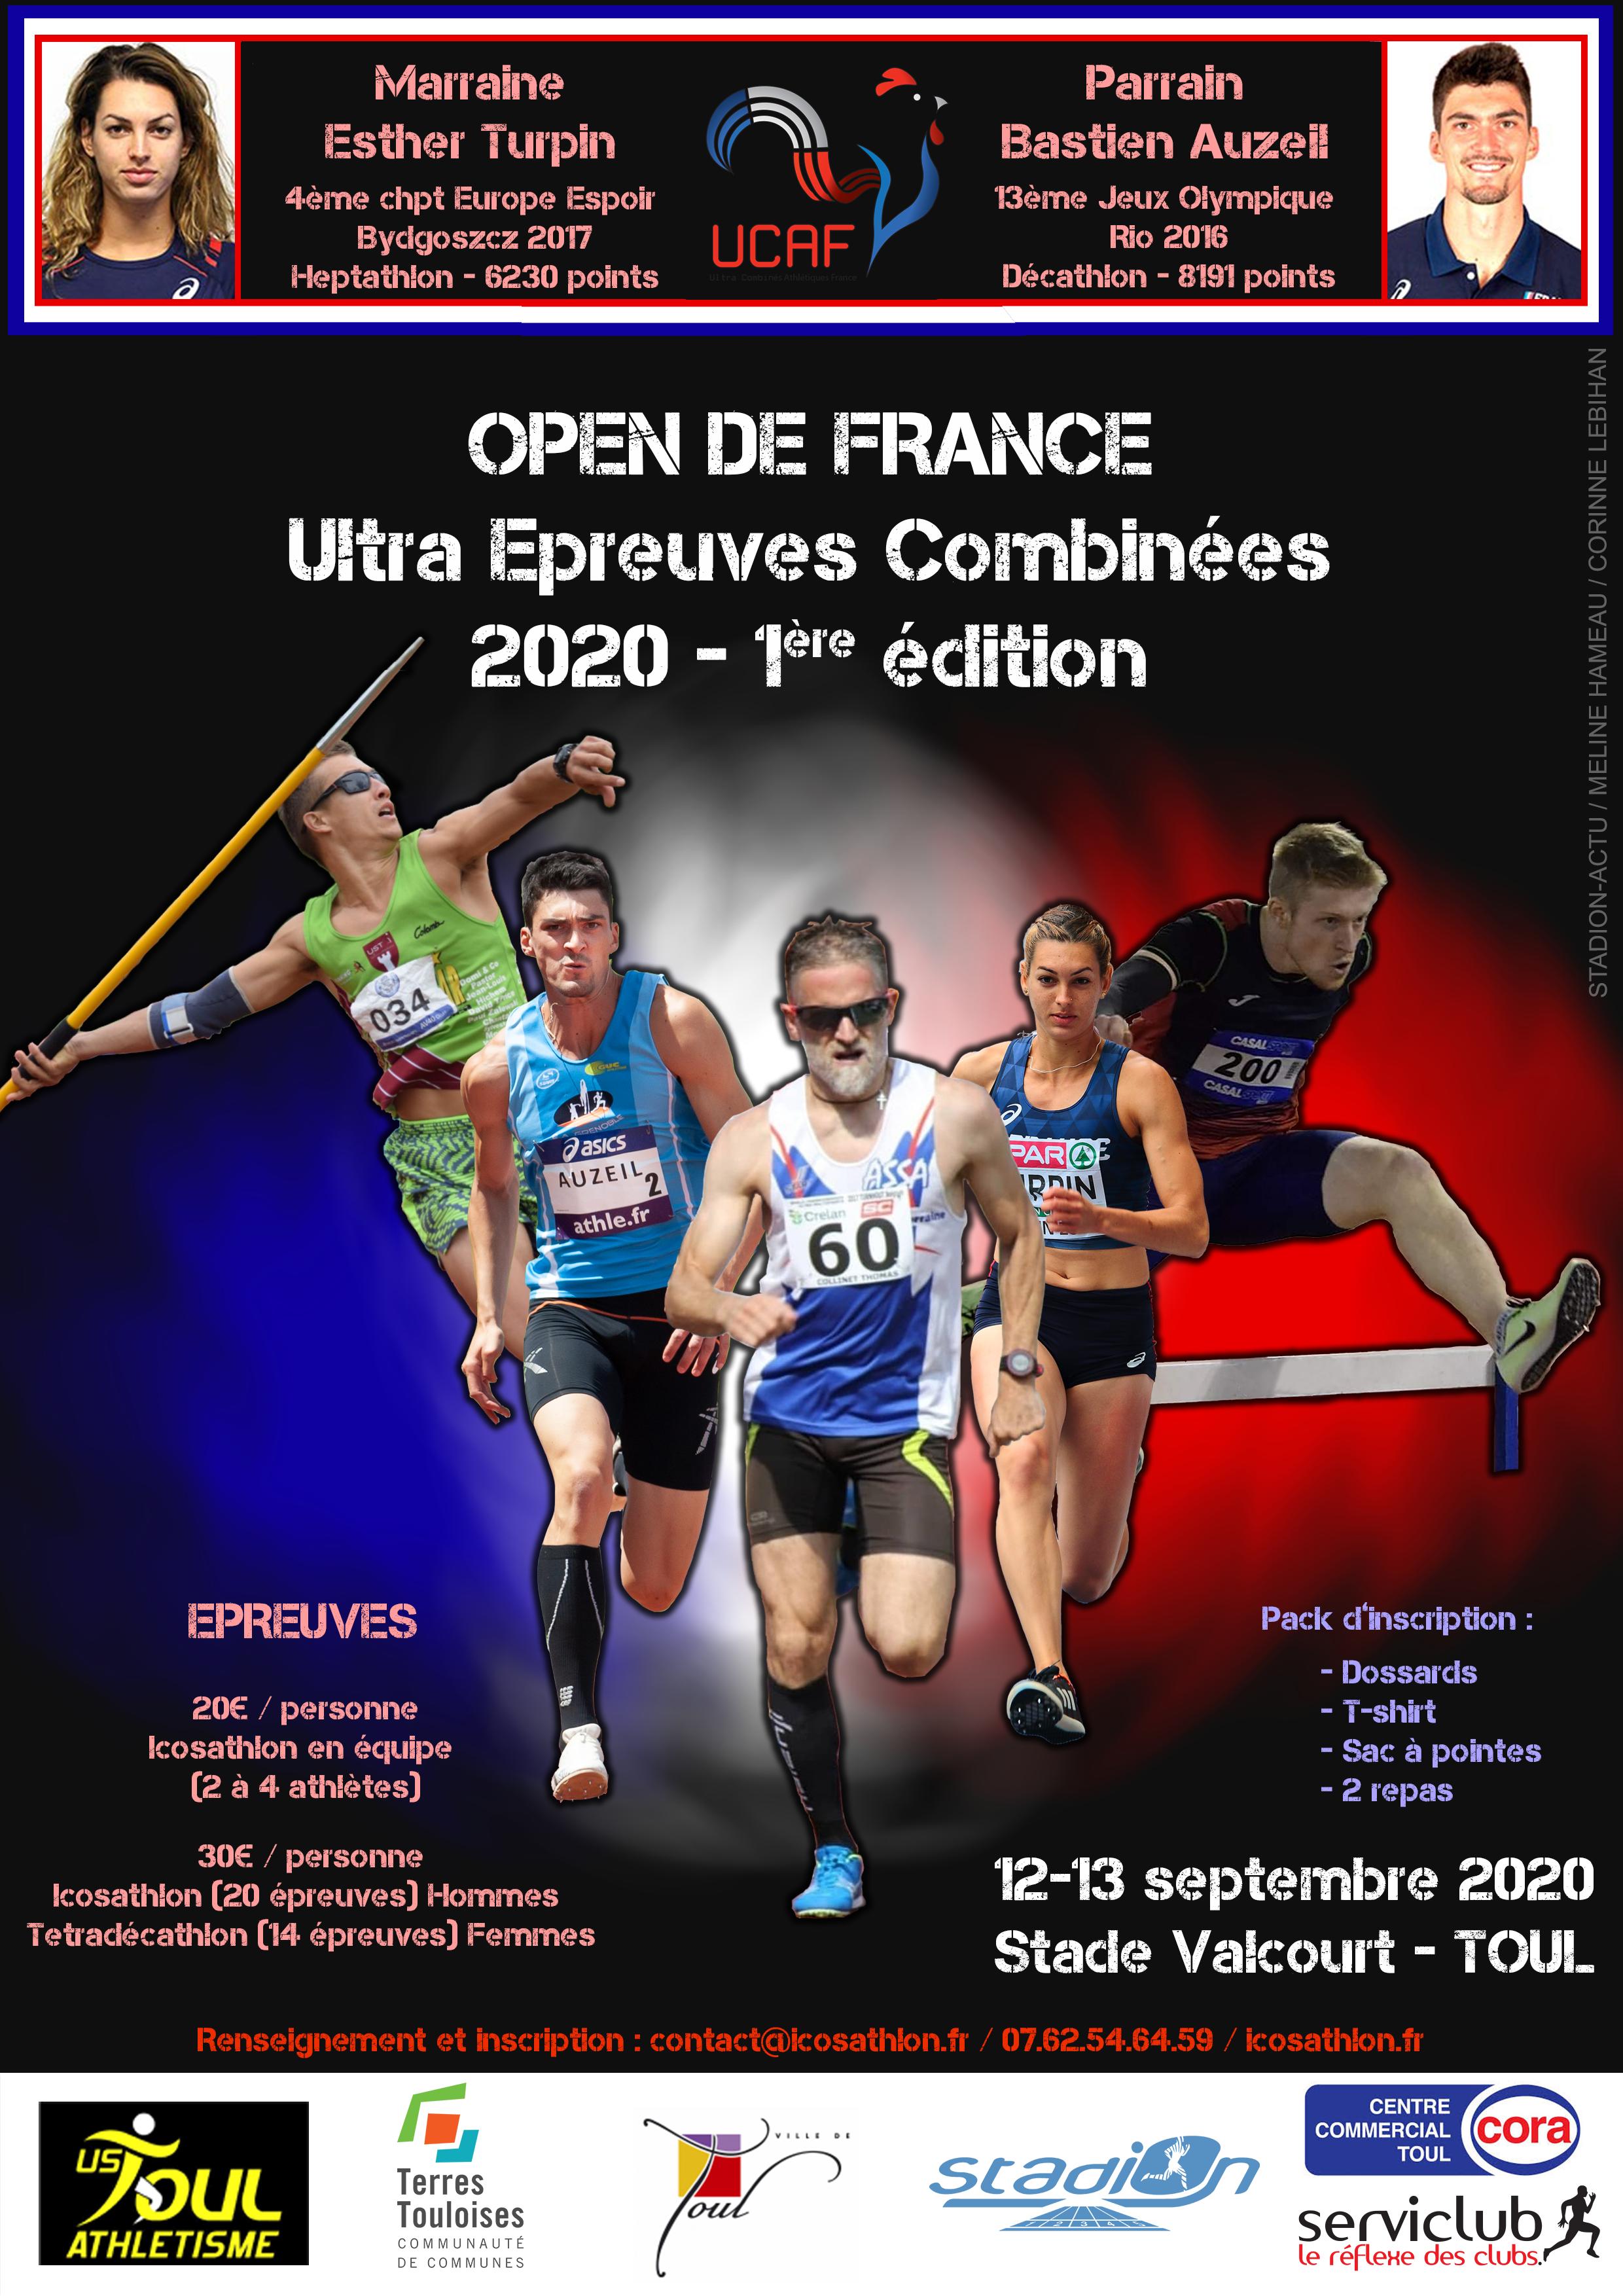 Affiche Open de France toul 2020